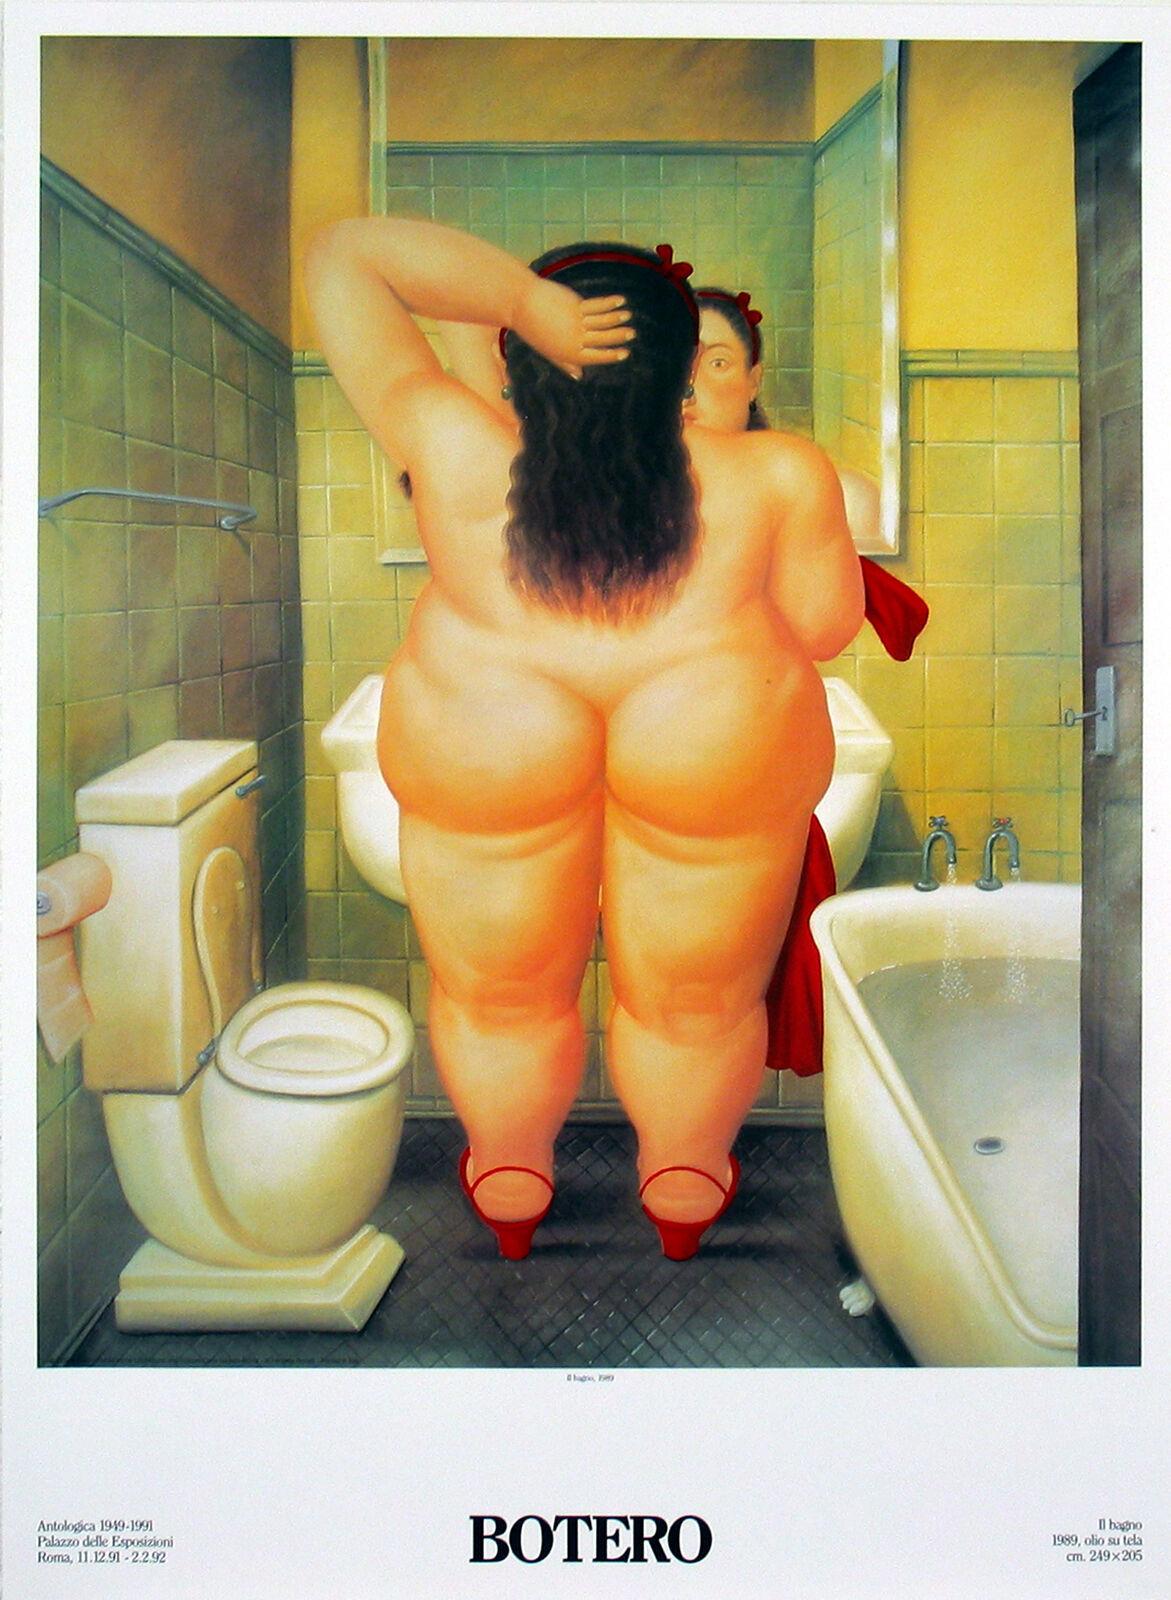 Fernando Botero-The Bath (Il Bano)-Poster